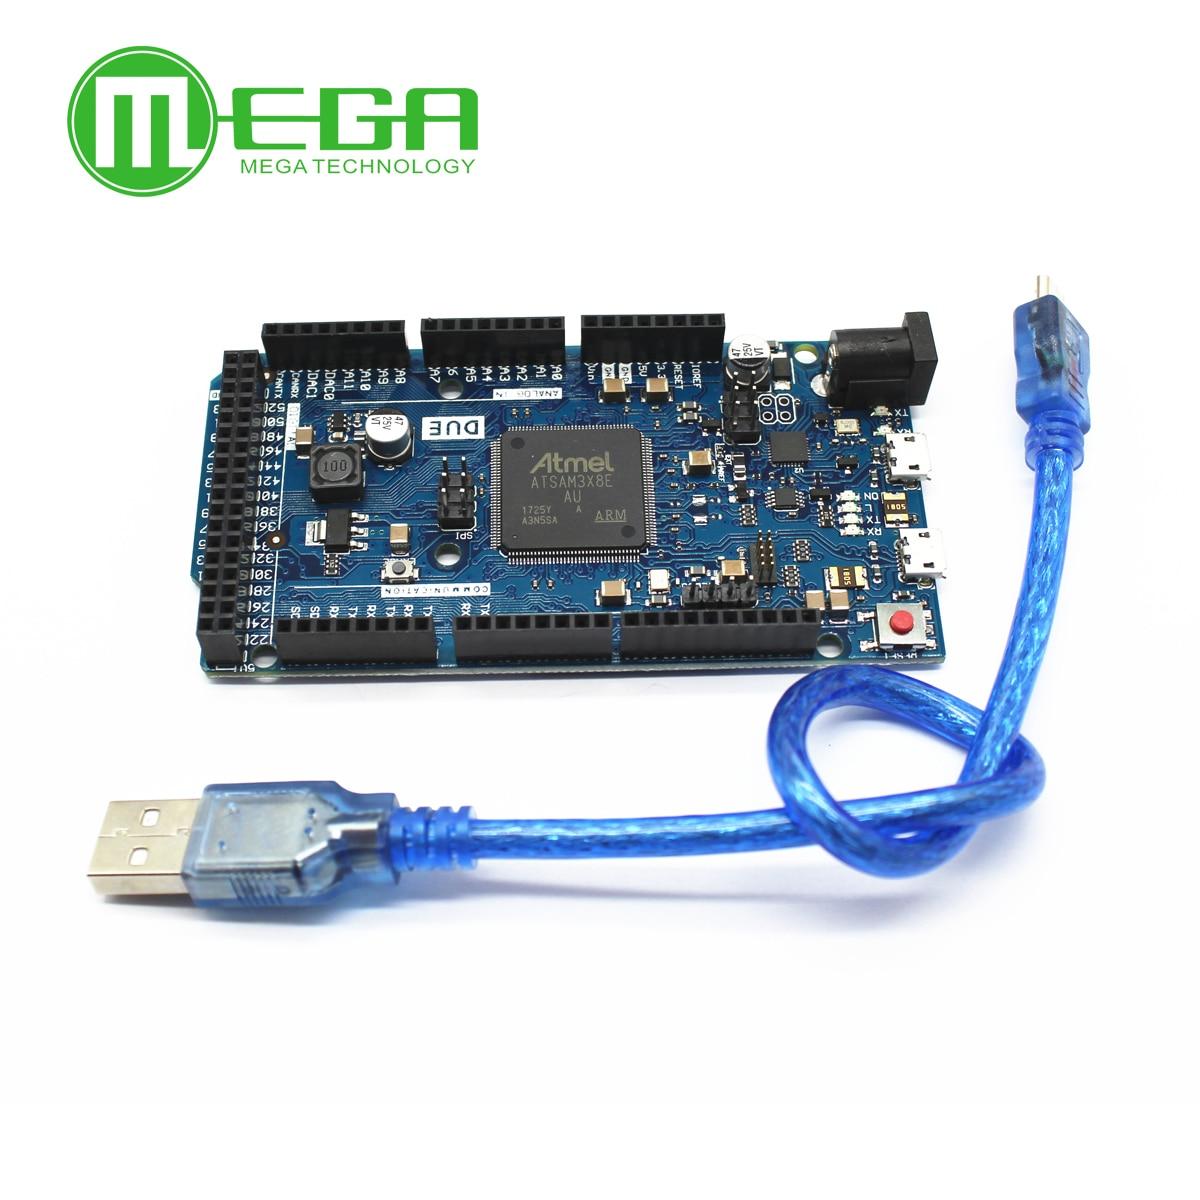 Work Good DUE R3 Board AT91SAM3X8E SAM3X8E 32-bit ARM Cortex-M3 Control Board Module  For Arduino